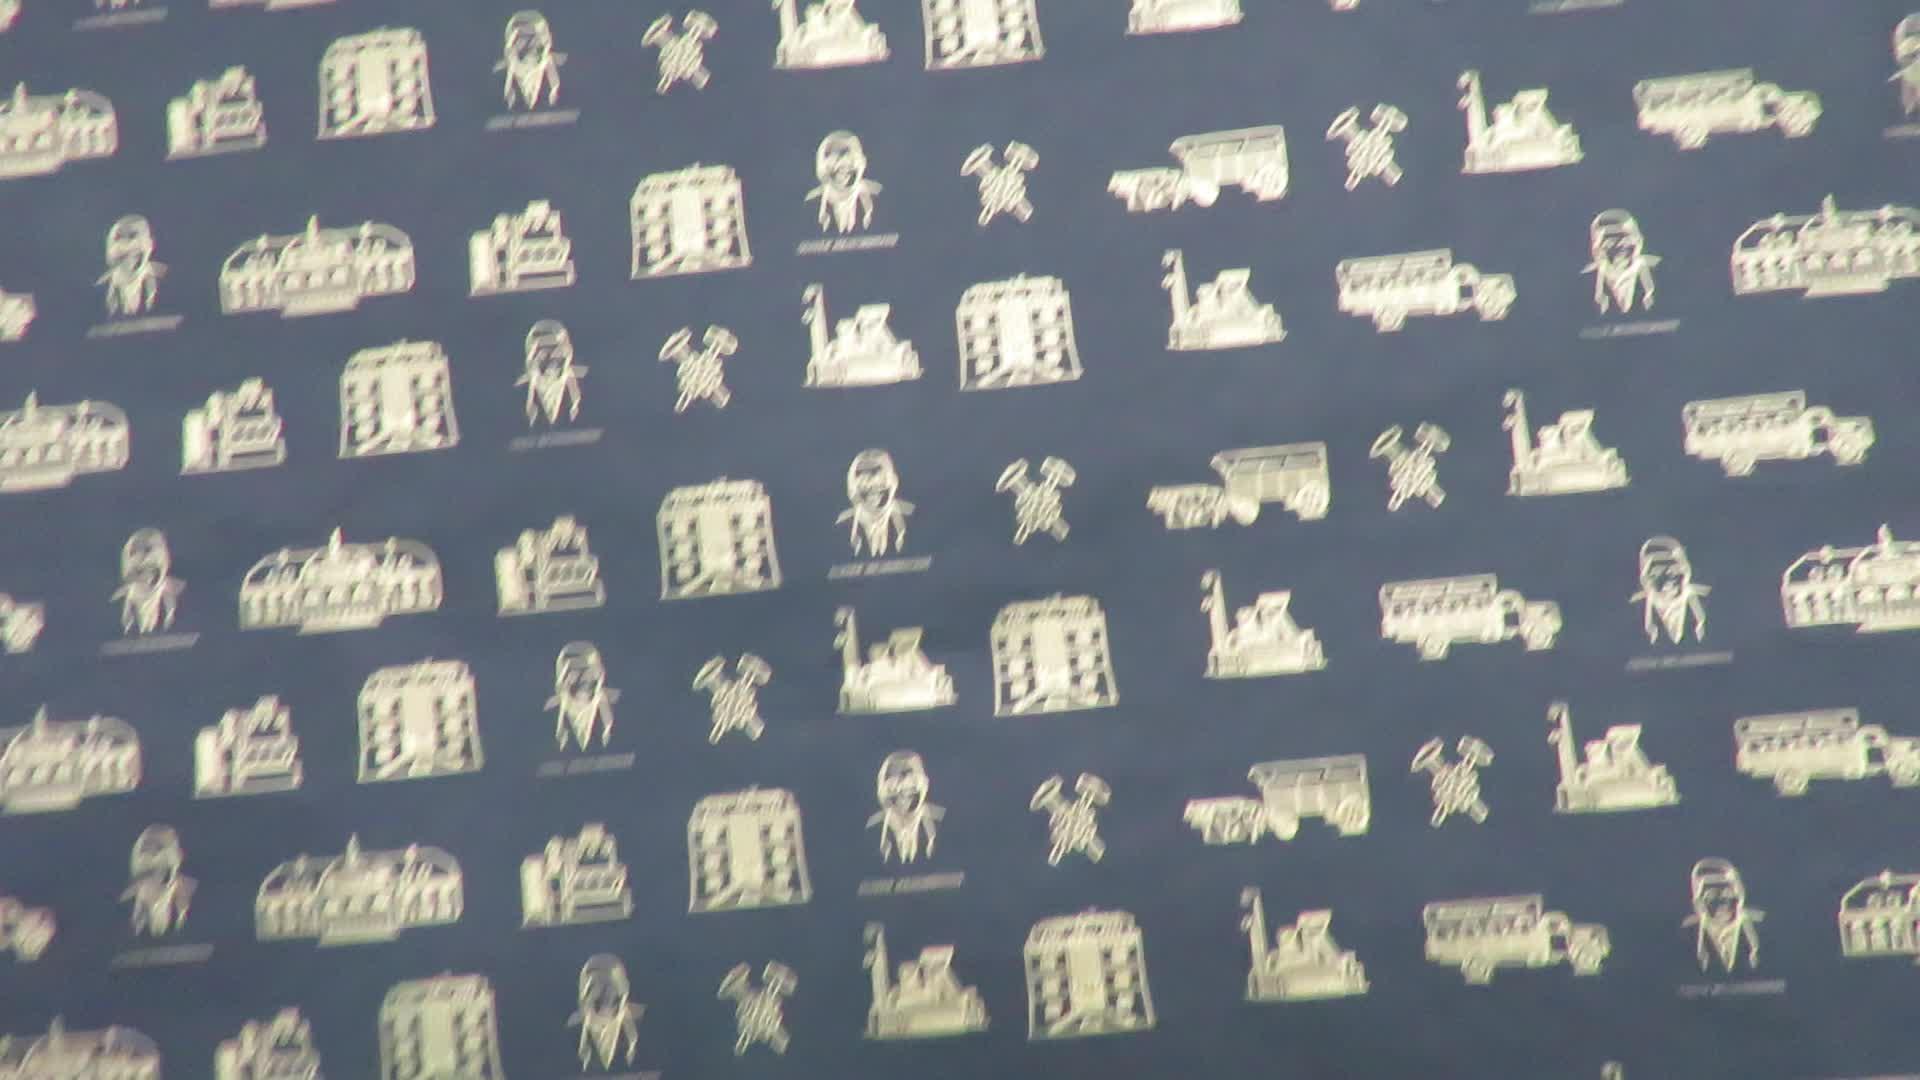 preto branco logotipo personalizado envolvendo papel de seda lenço de algodão de presente para embalagem de roupas